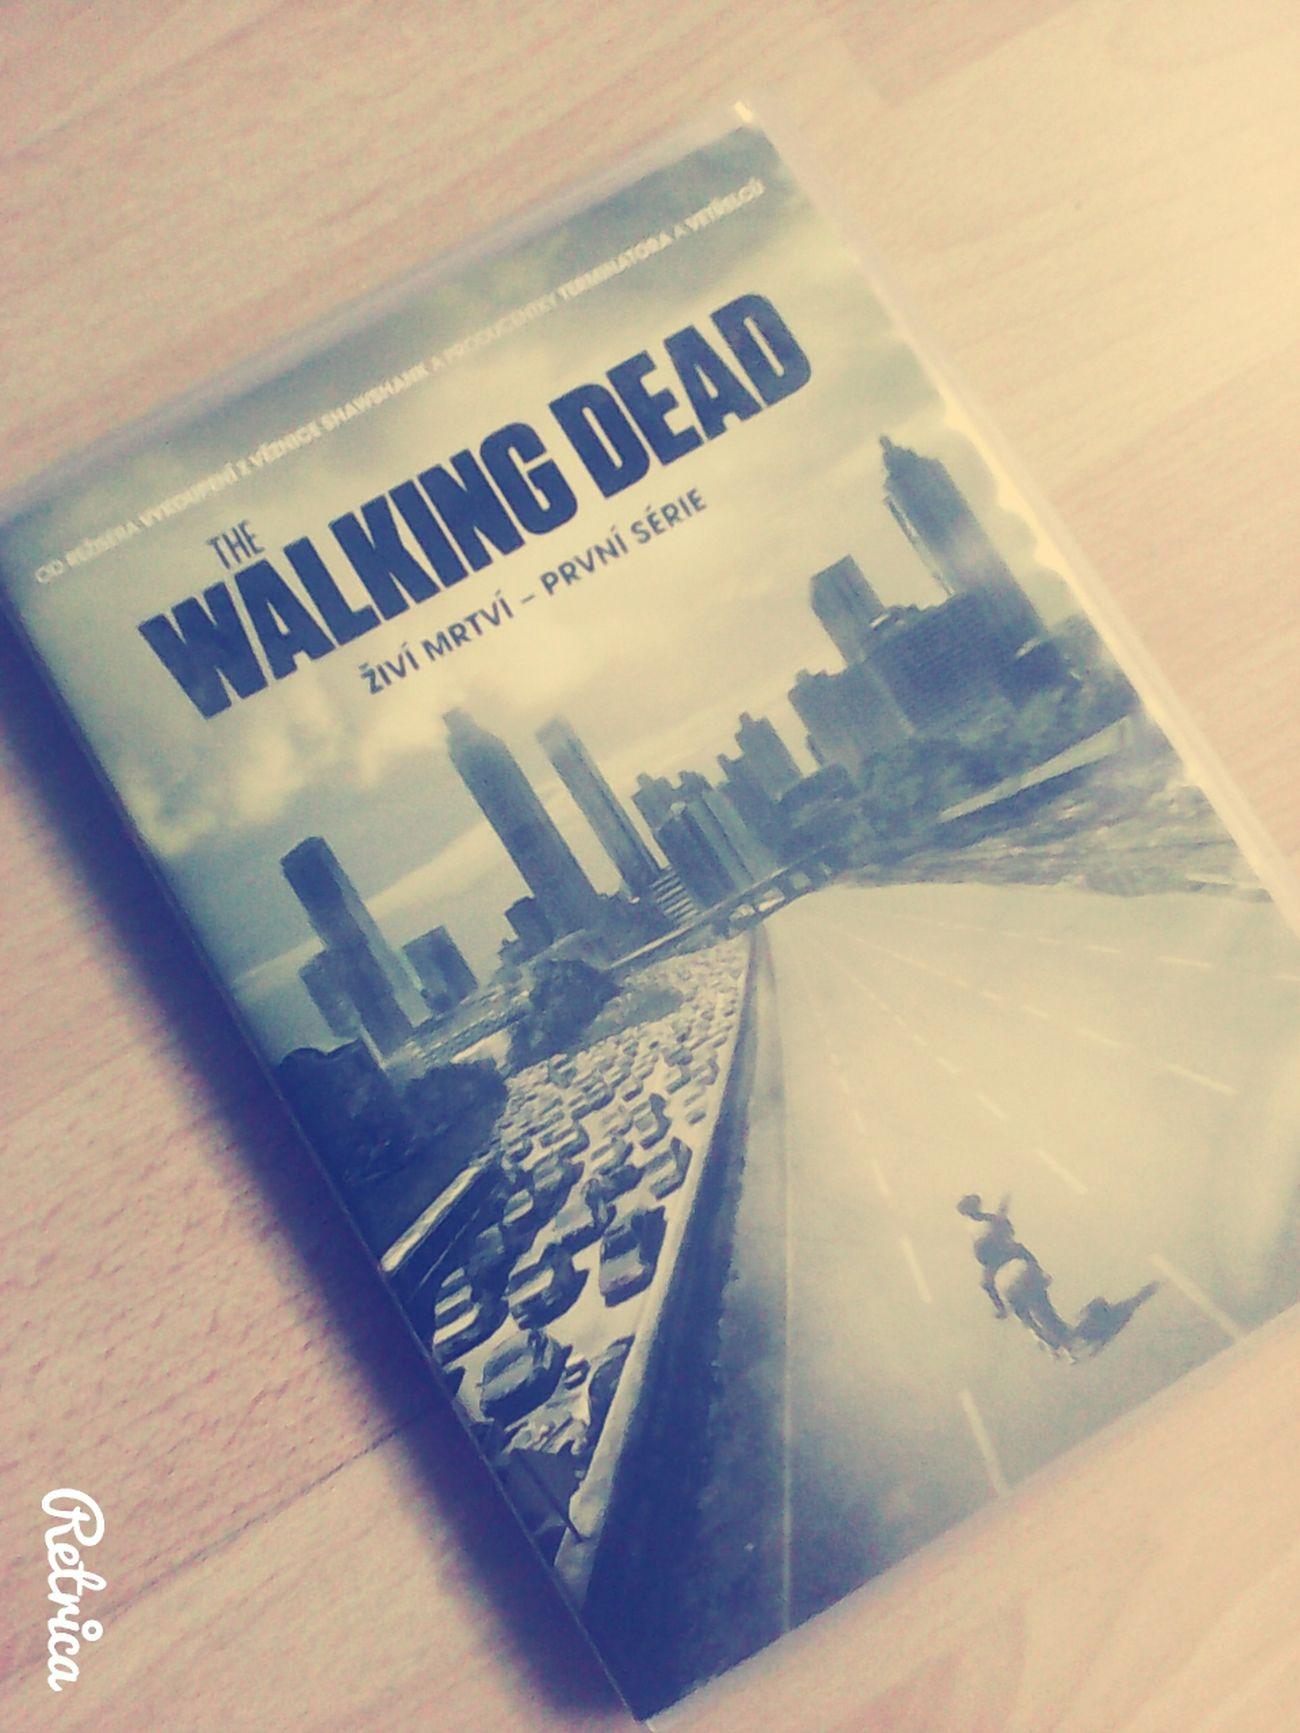 Walking dead! Top!